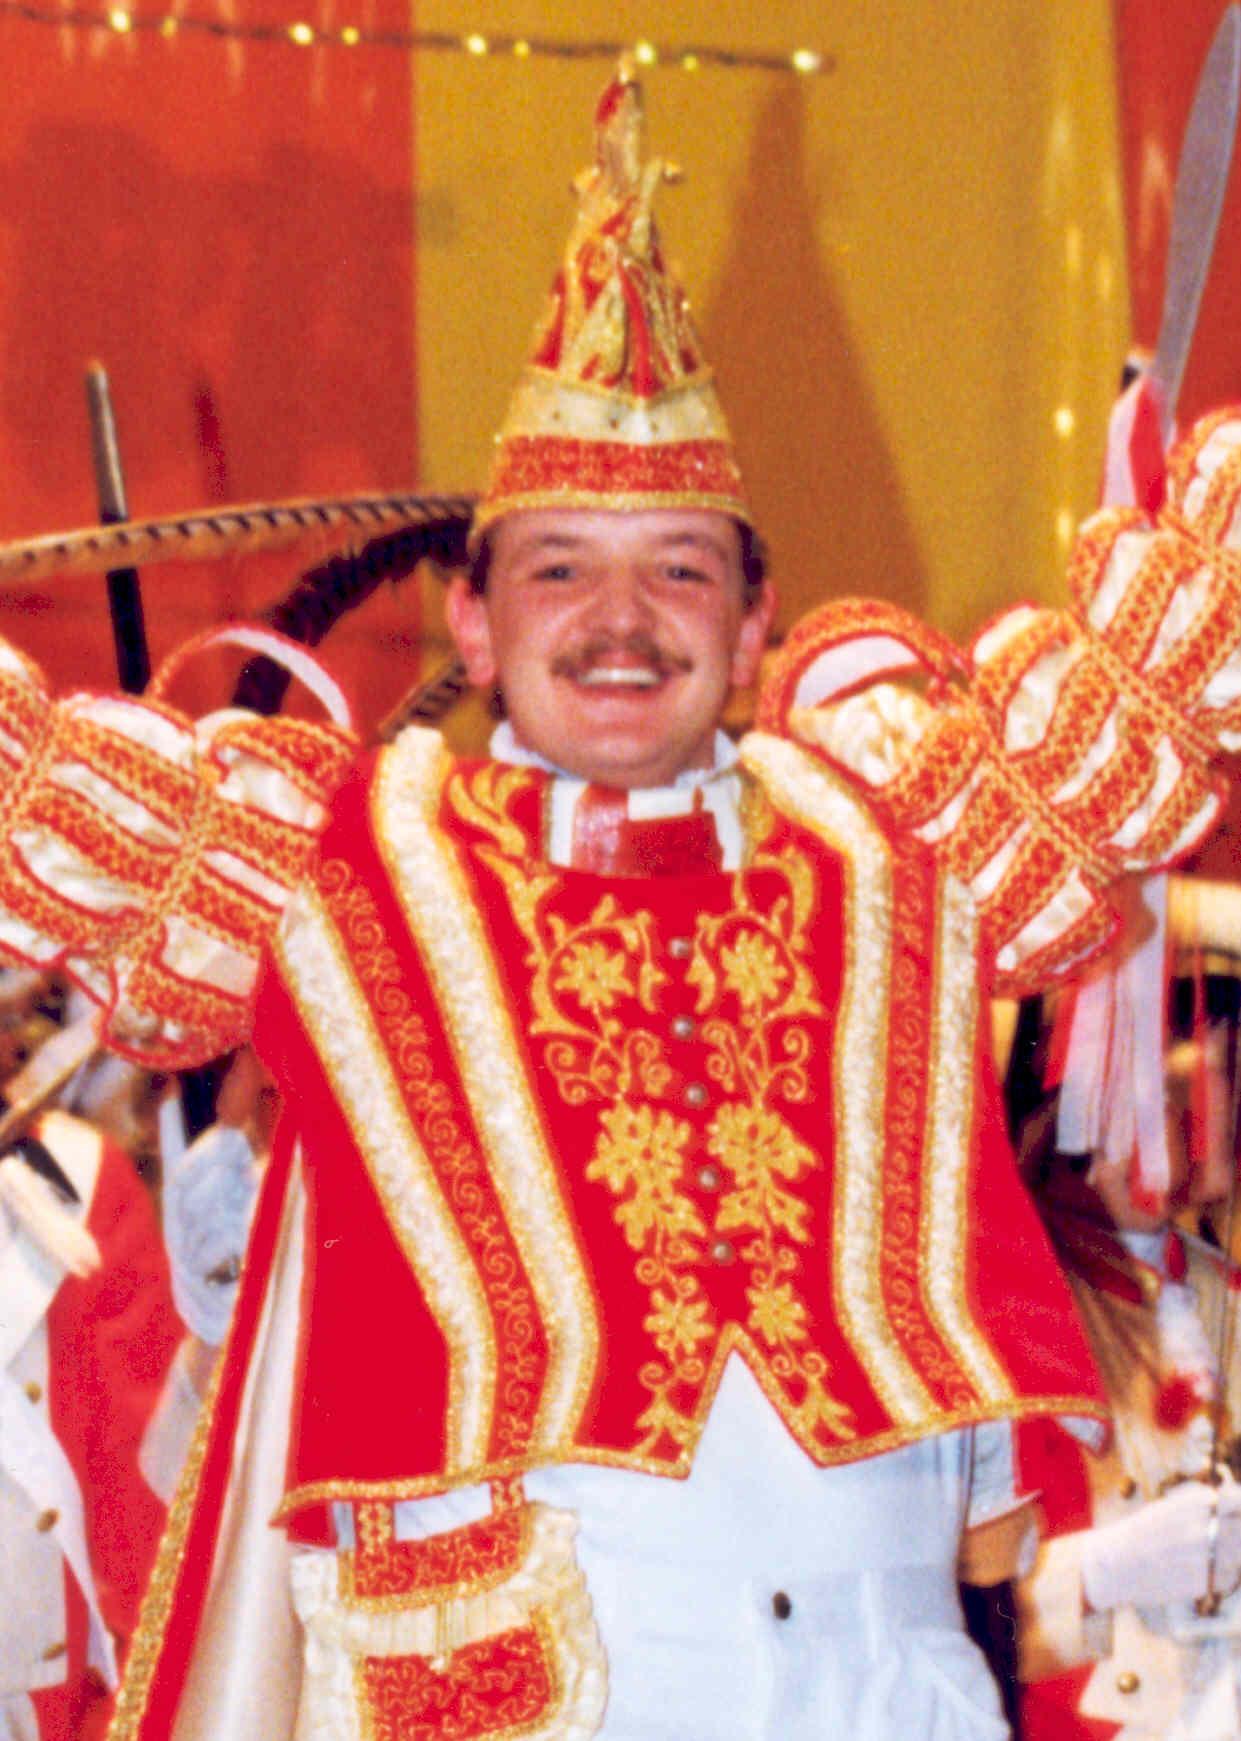 1986-Josef III (Schulte)